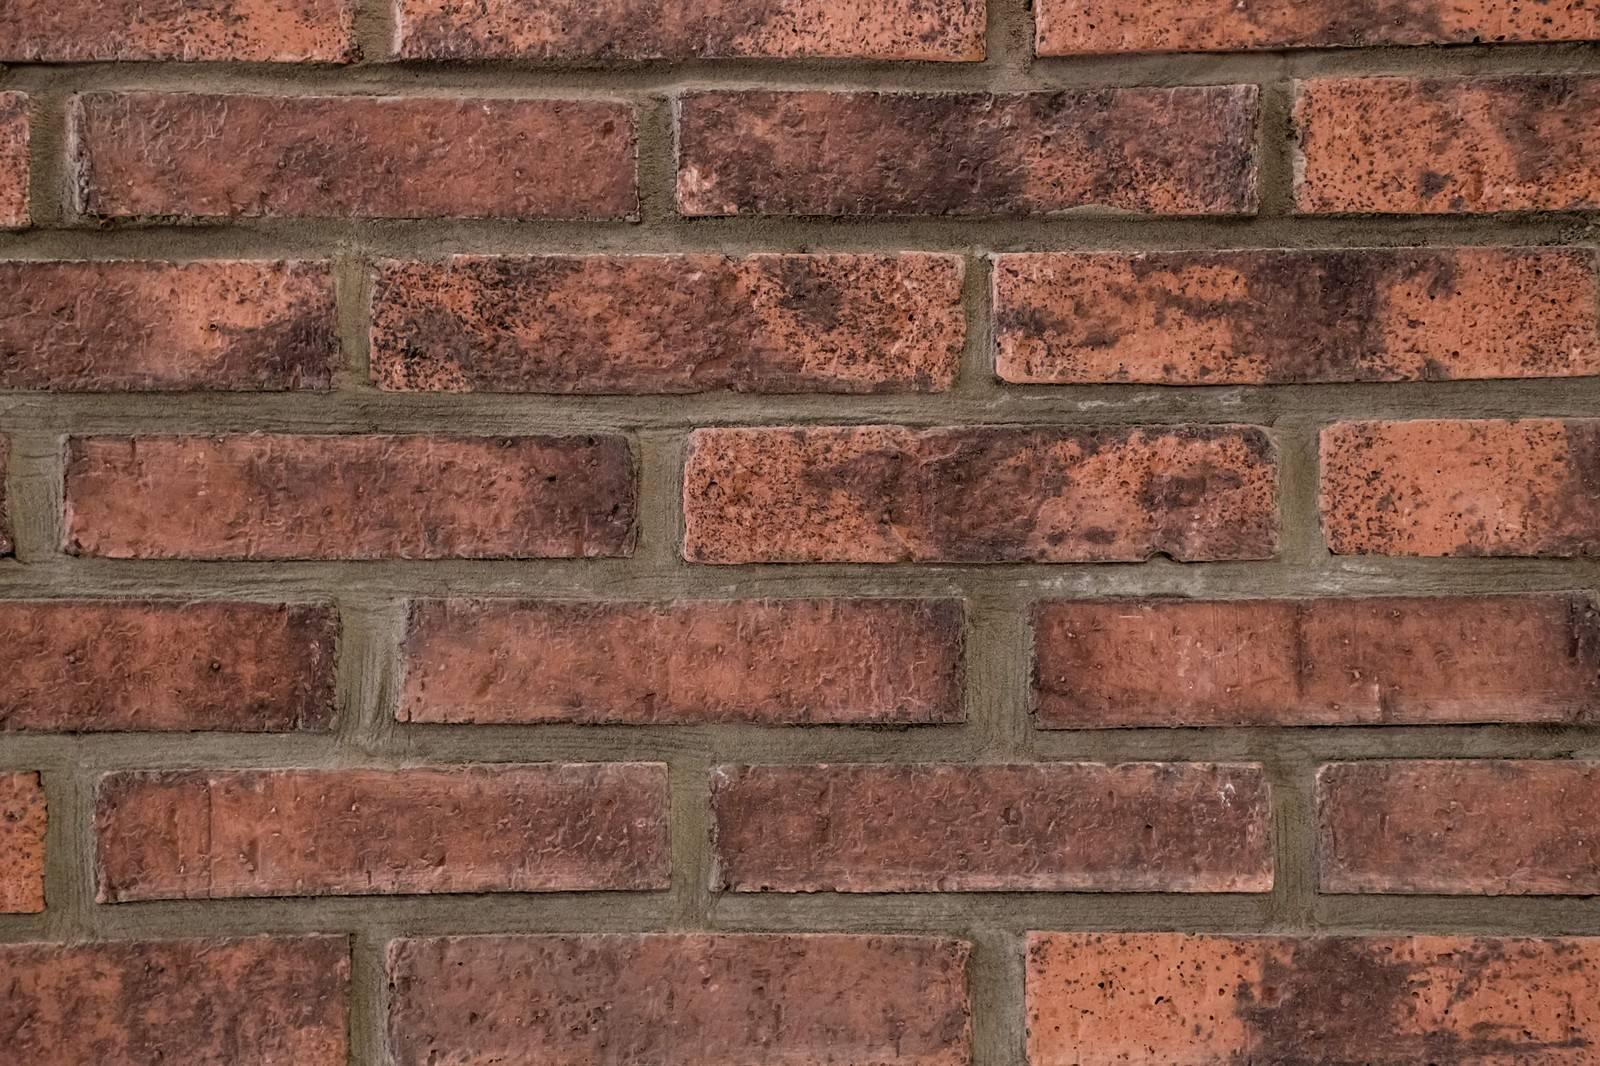 「茶色いレンガの壁(テクスチャー)茶色いレンガの壁(テクスチャー)」のフリー写真素材を拡大